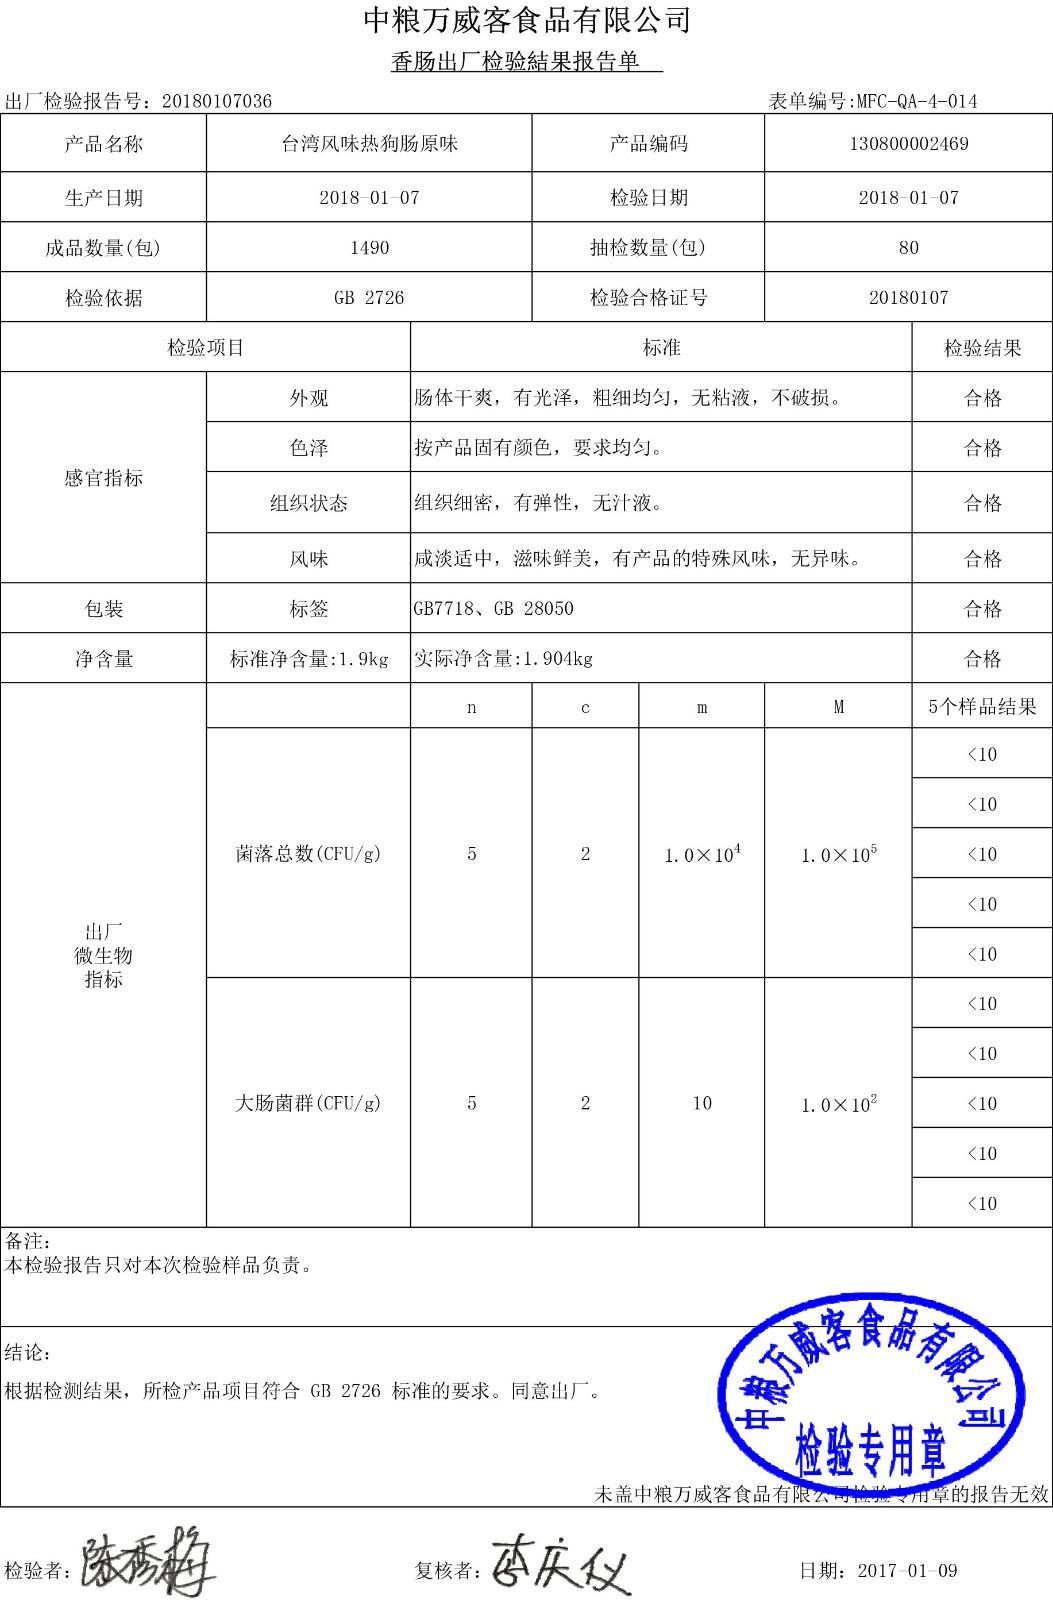 台湾风味热狗2018-01-07.jpg